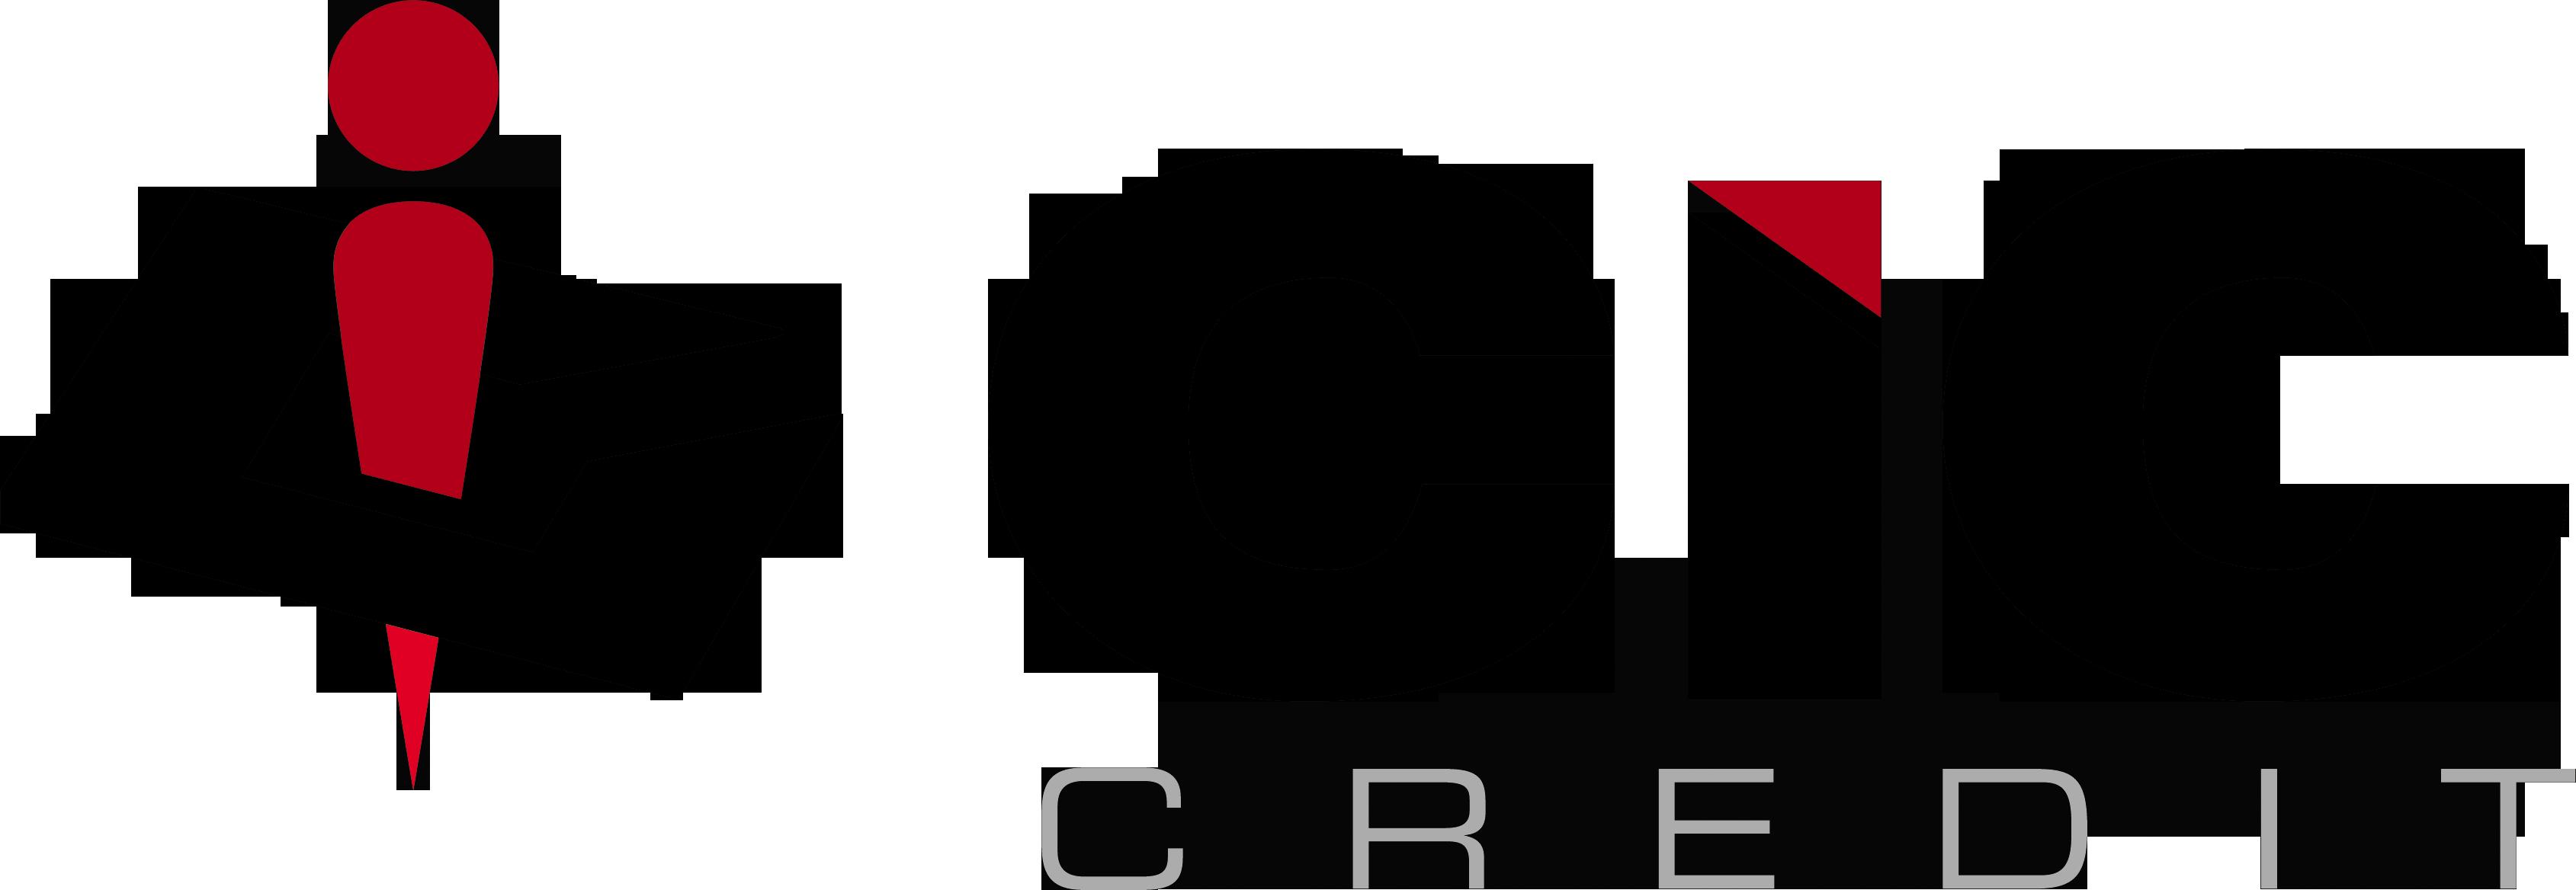 cic credit logo